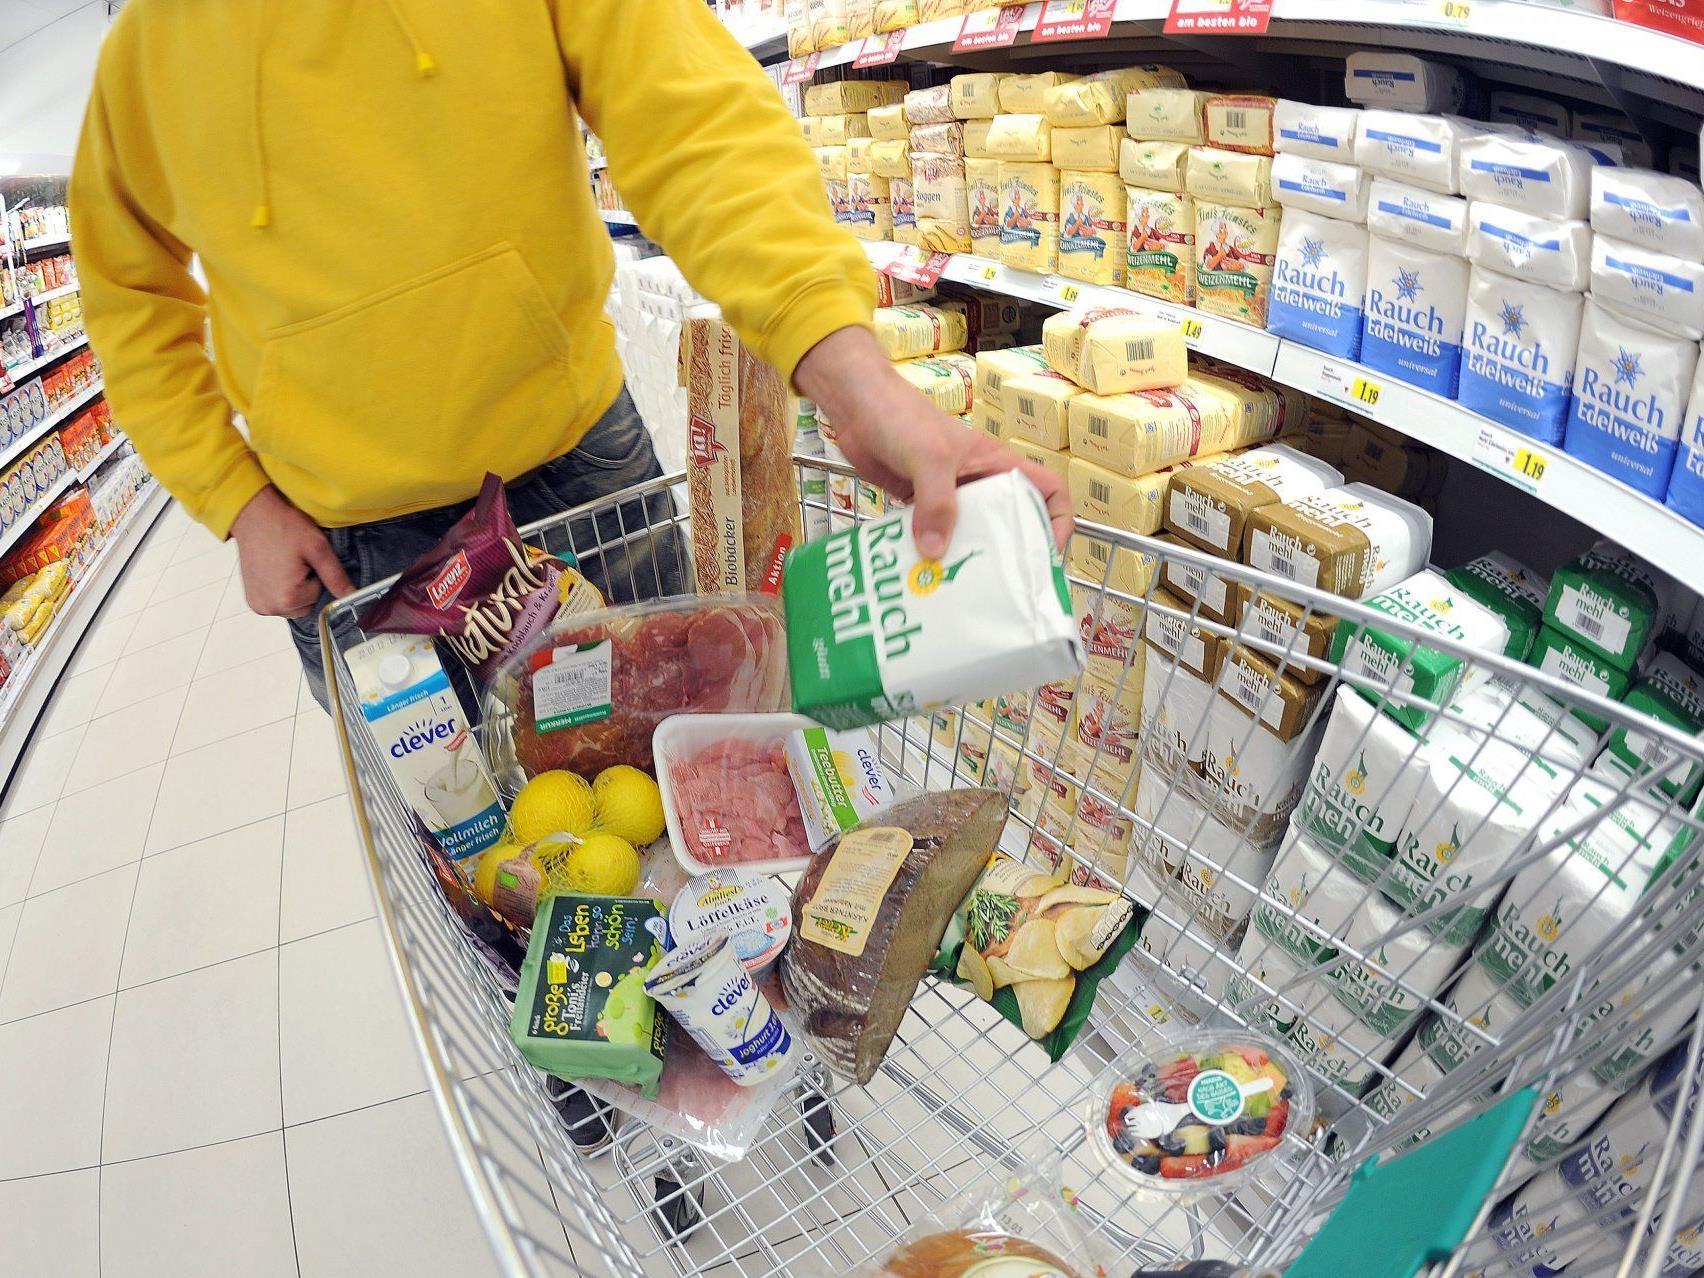 Entspannung durch Basiseffekt bei Ölprodukten, Nahrungsmitteln - Öl dennoch Hauptpreistreiber.